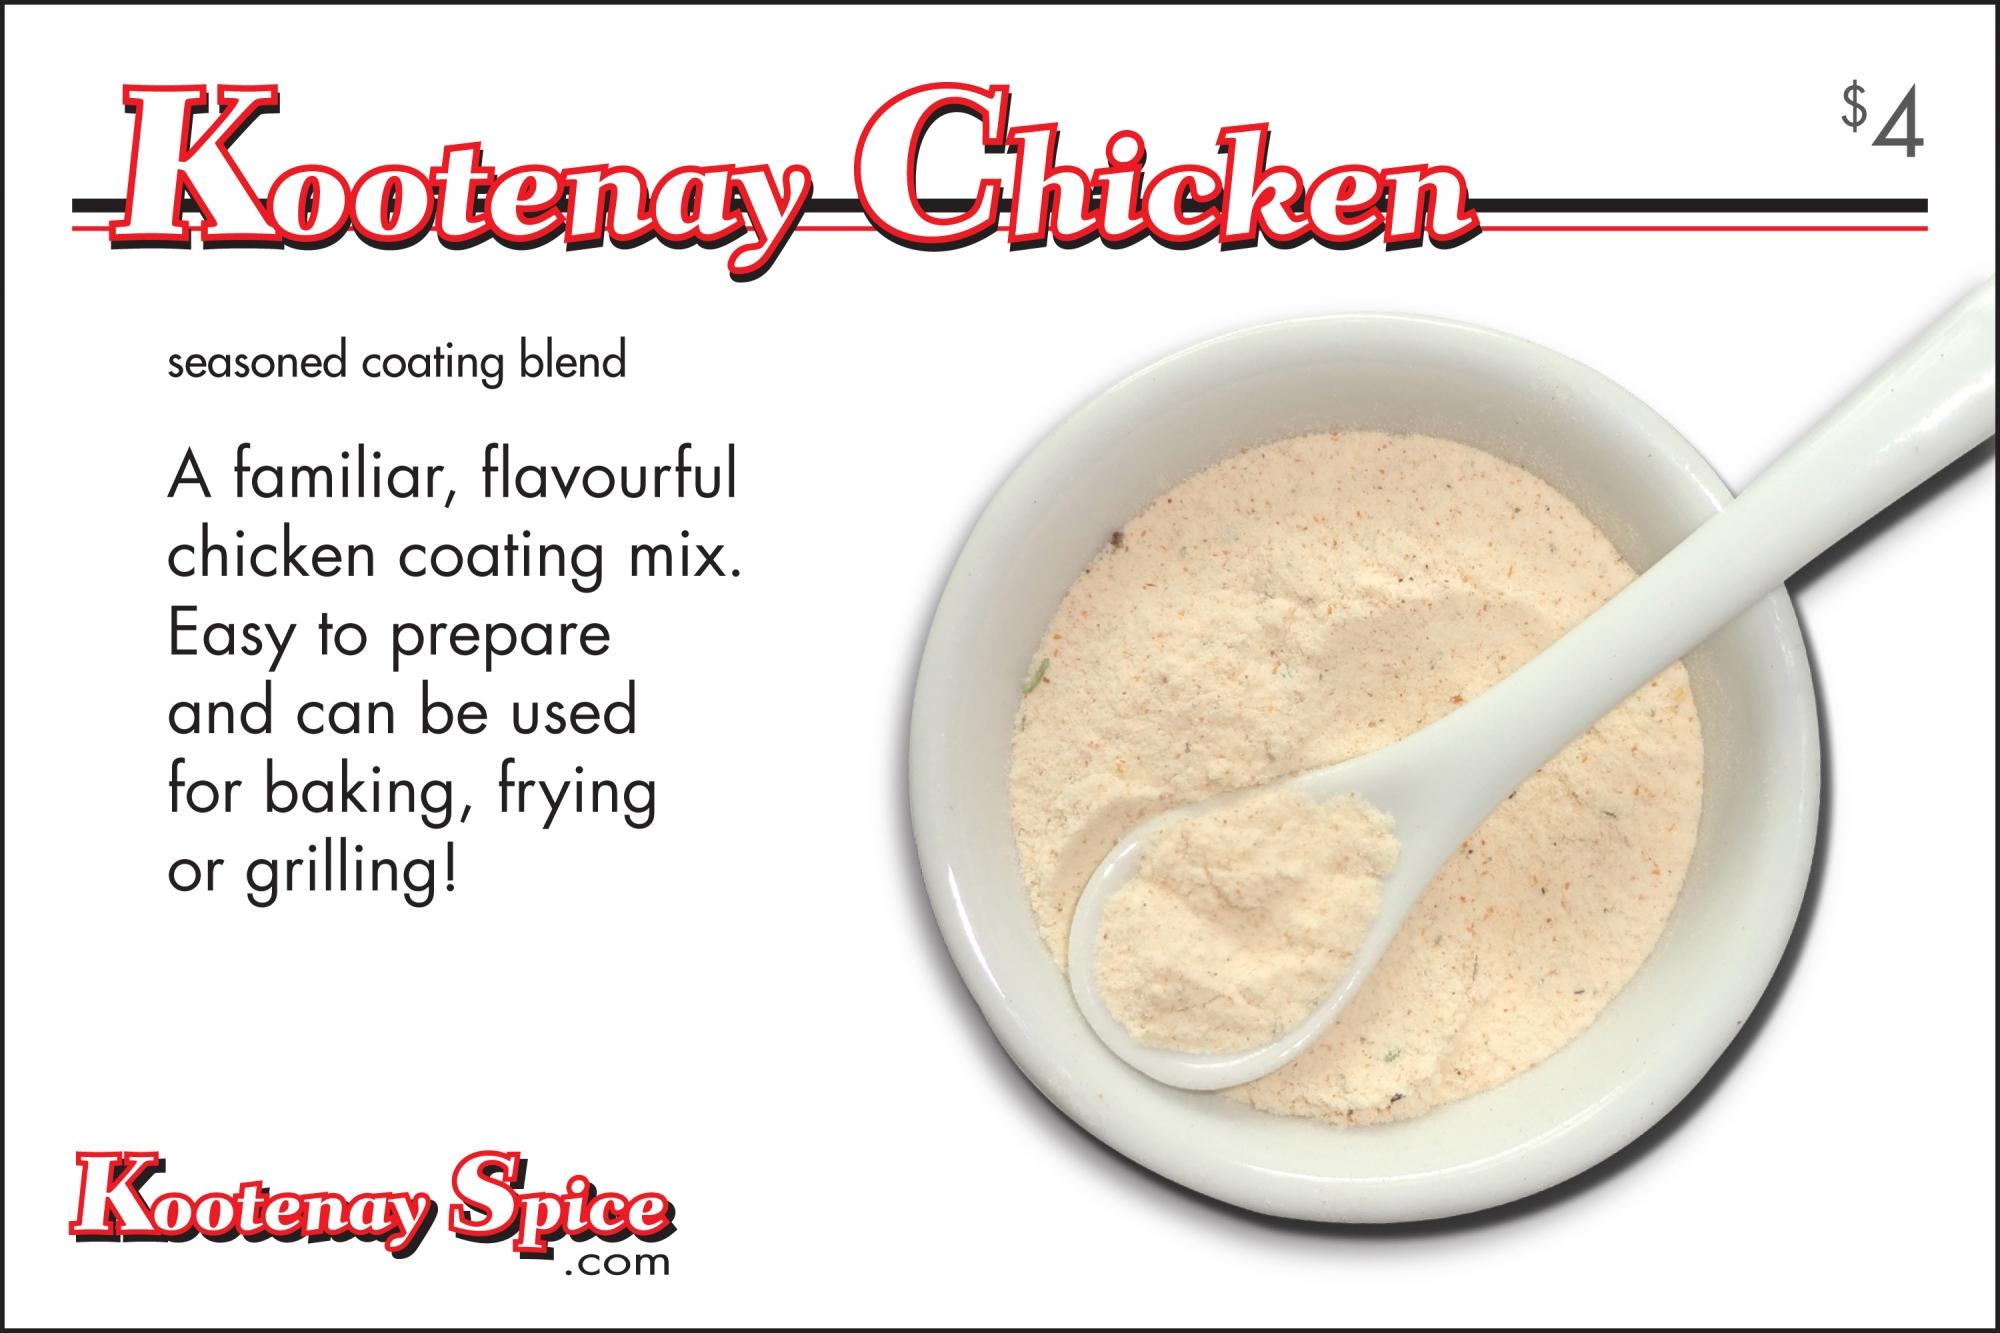 Kootenay Spice Kootenay Chicken